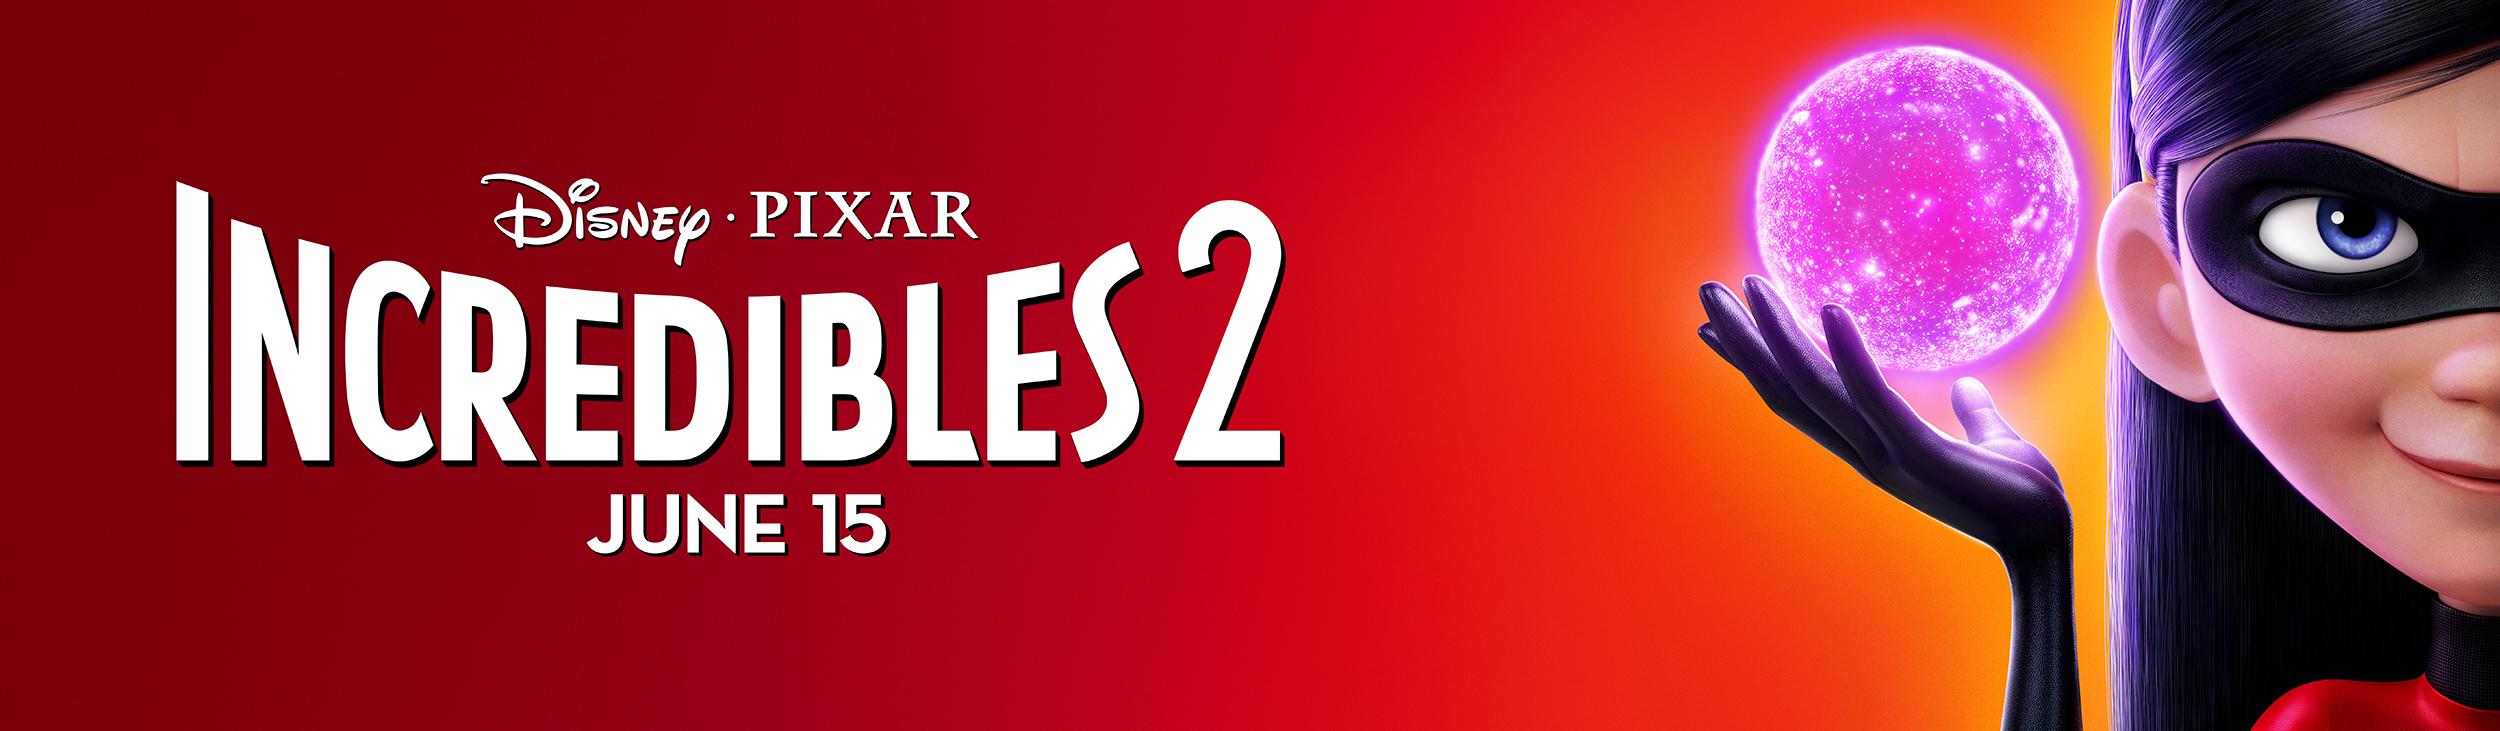 Incredibles 2 | Violet Billboard Concept, Finishing & Illustration